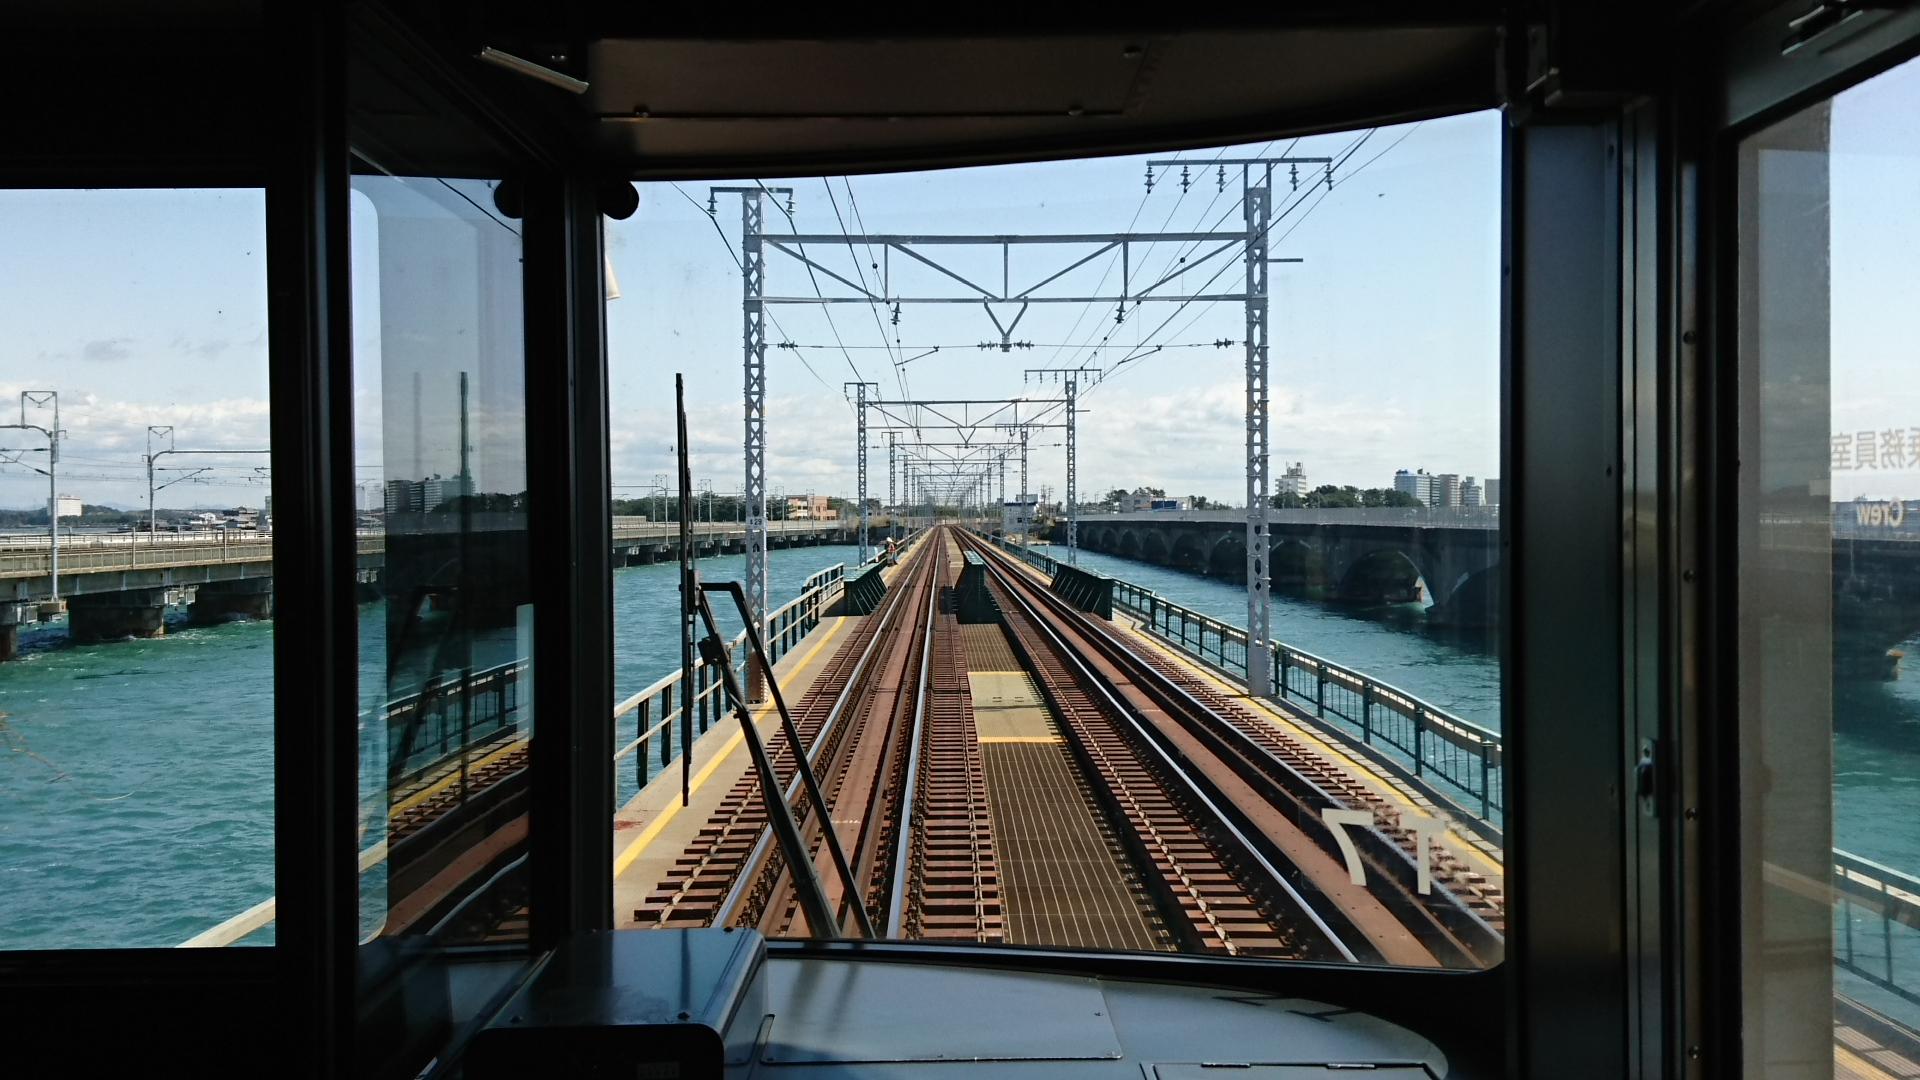 2018.3.23 東海道線 (46) 掛川いきふつう - 新居町-弁天島間 1920-1080